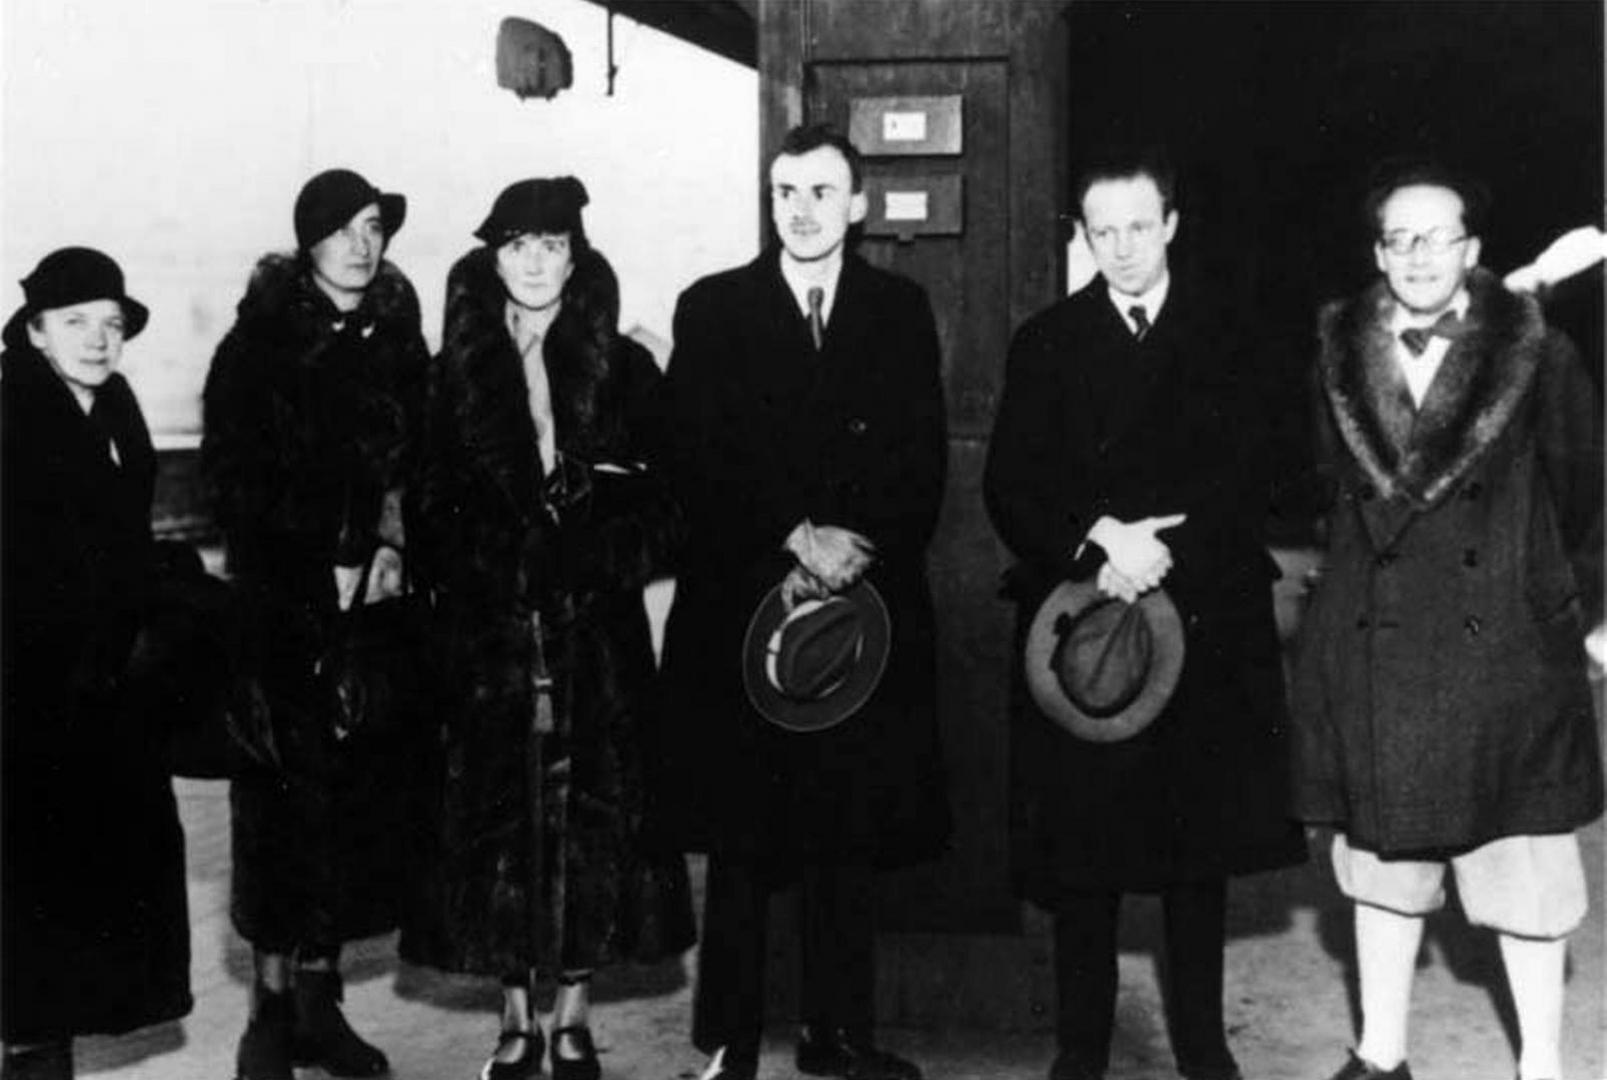 Слева направо: мать Гейзенберга, жена Шрёдингера, мать Дирака, нобелевские лауреаты Поль Дирак, Вернер Гейзенберг и Эрвин Шрёдингер на перроне вокзала в Стокгольме (1933)